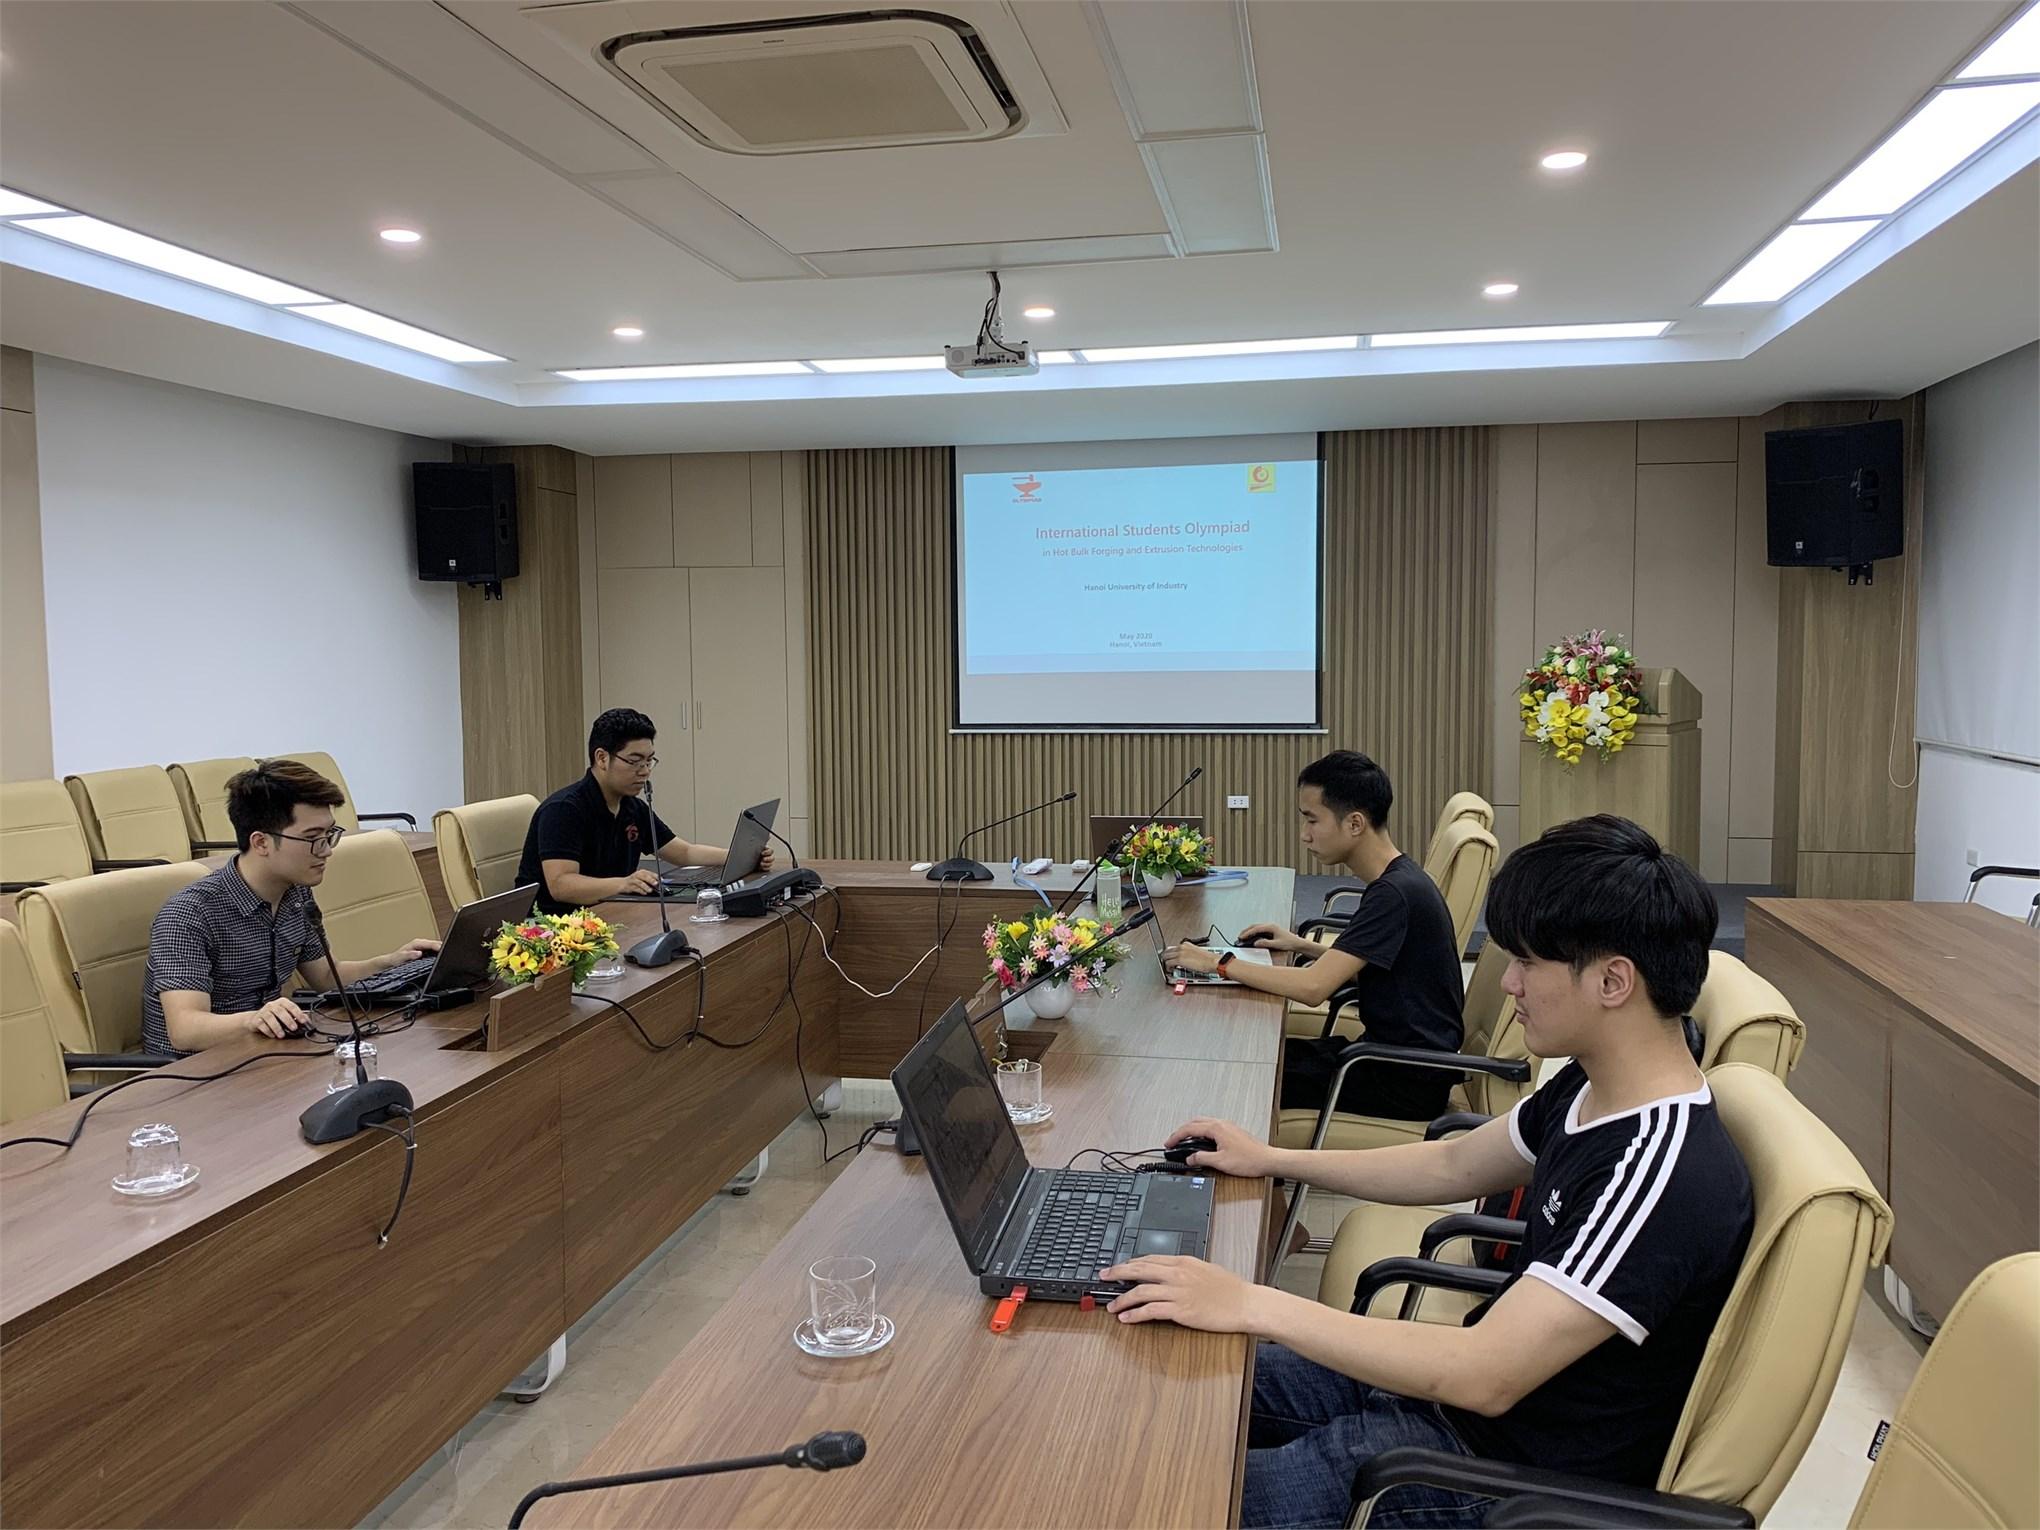 Hành trình tham dự kỳ thi Olympiad quốc tế về công nghệ dập nóng và đùn nhôm của 04 sinh viên khoa Cơ khí - Trường Đại học Công Nghiệp Hà Nội